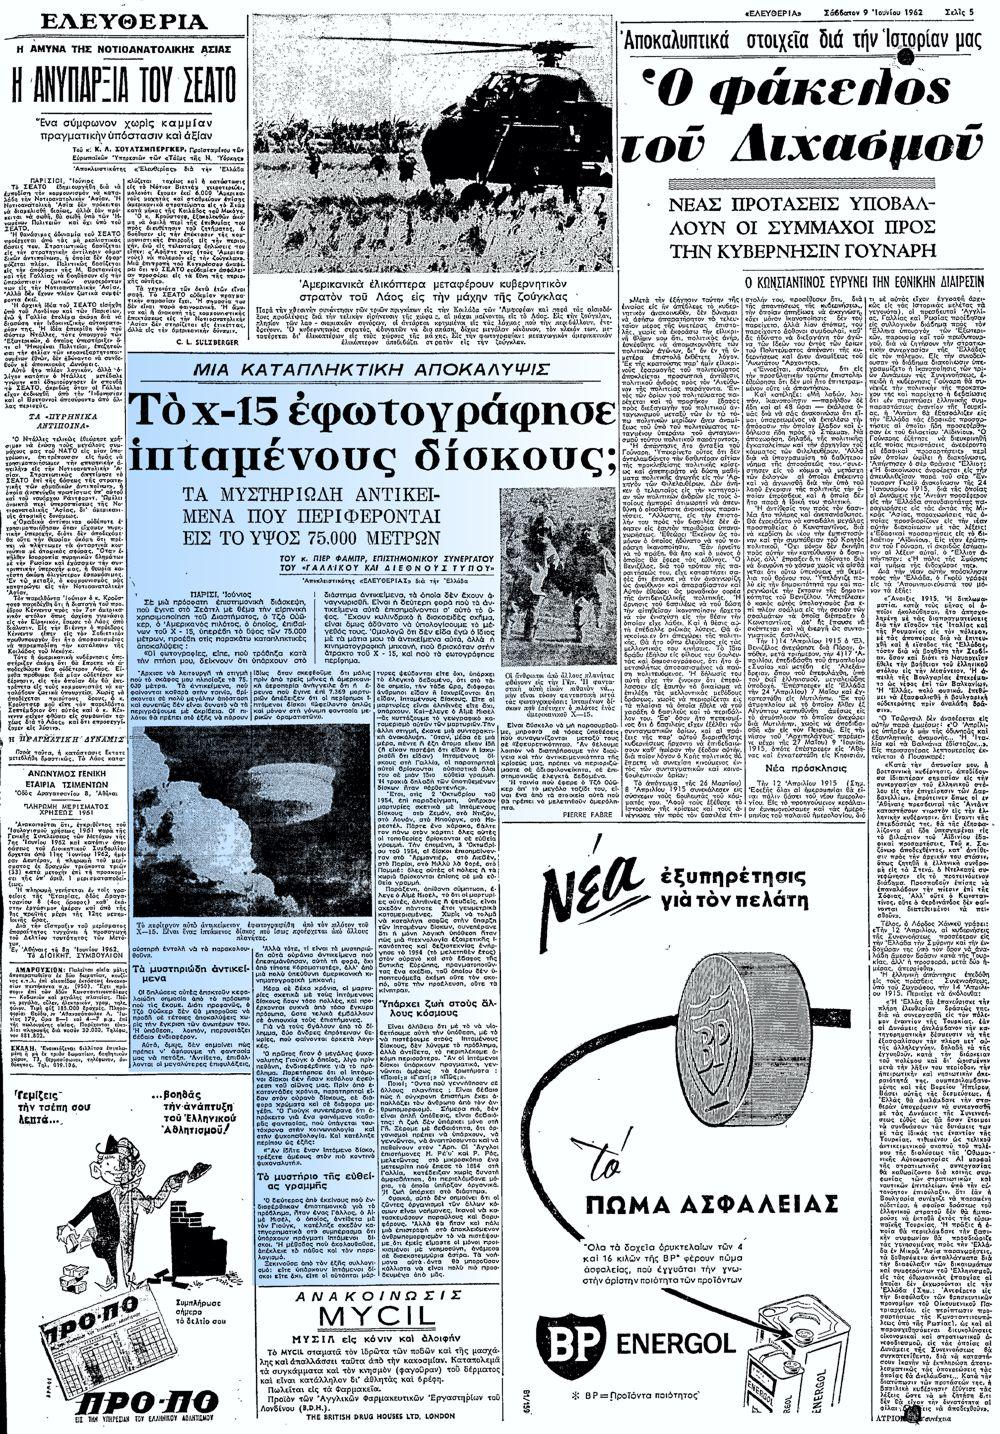 """Το άρθρο, όπως δημοσιεύθηκε στην εφημερίδα """"ΕΛΕΥΘΕΡΙΑ"""", στις 09/06/1962"""